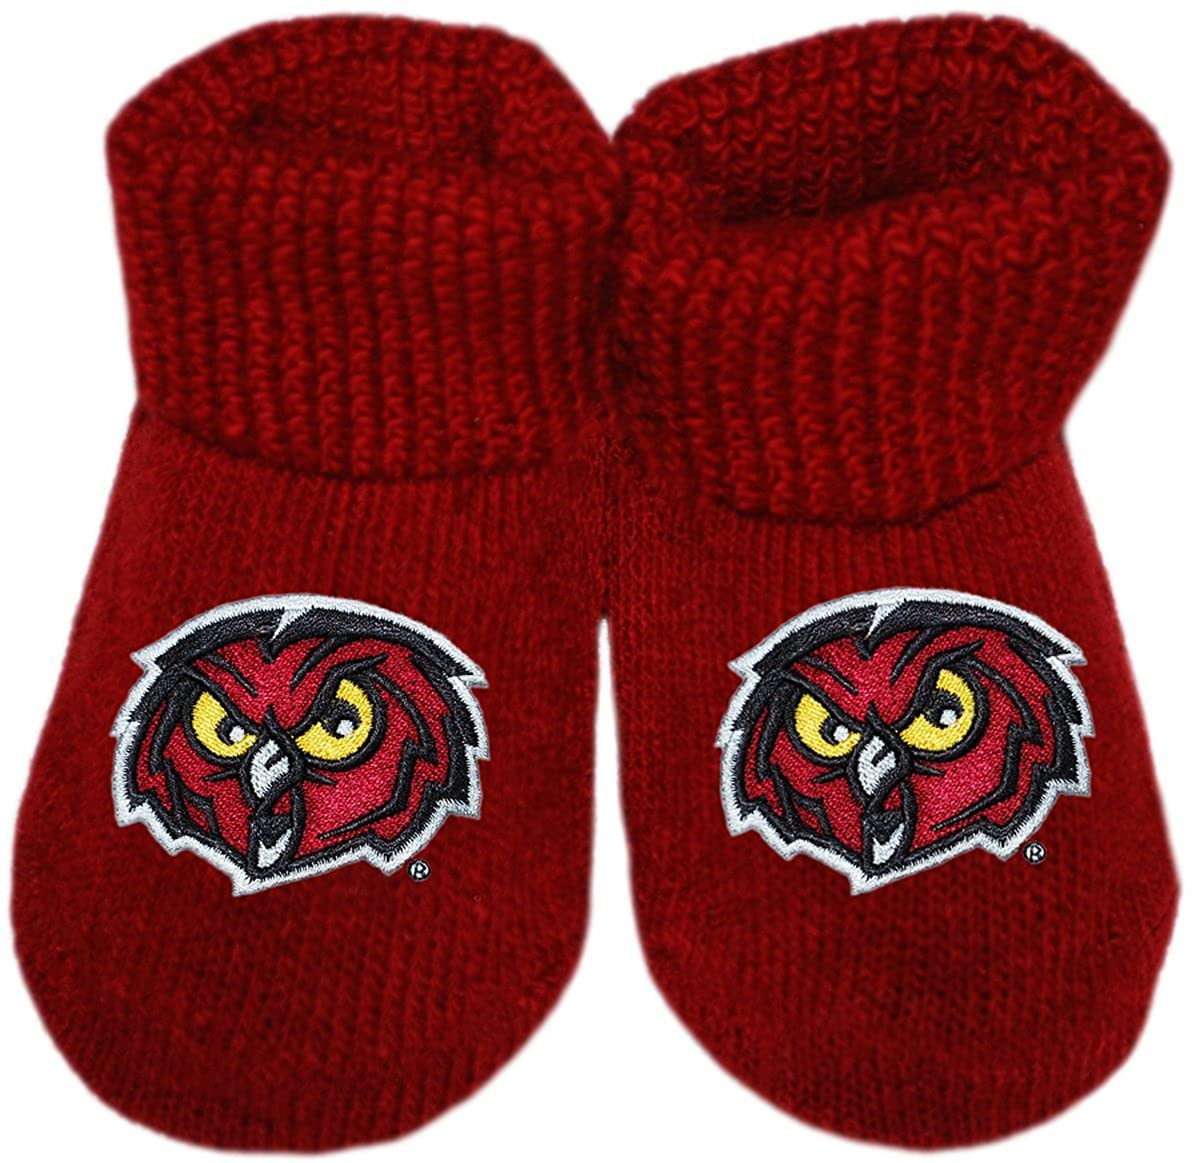 Temple University Owls Newborn Baby Bootie Sock